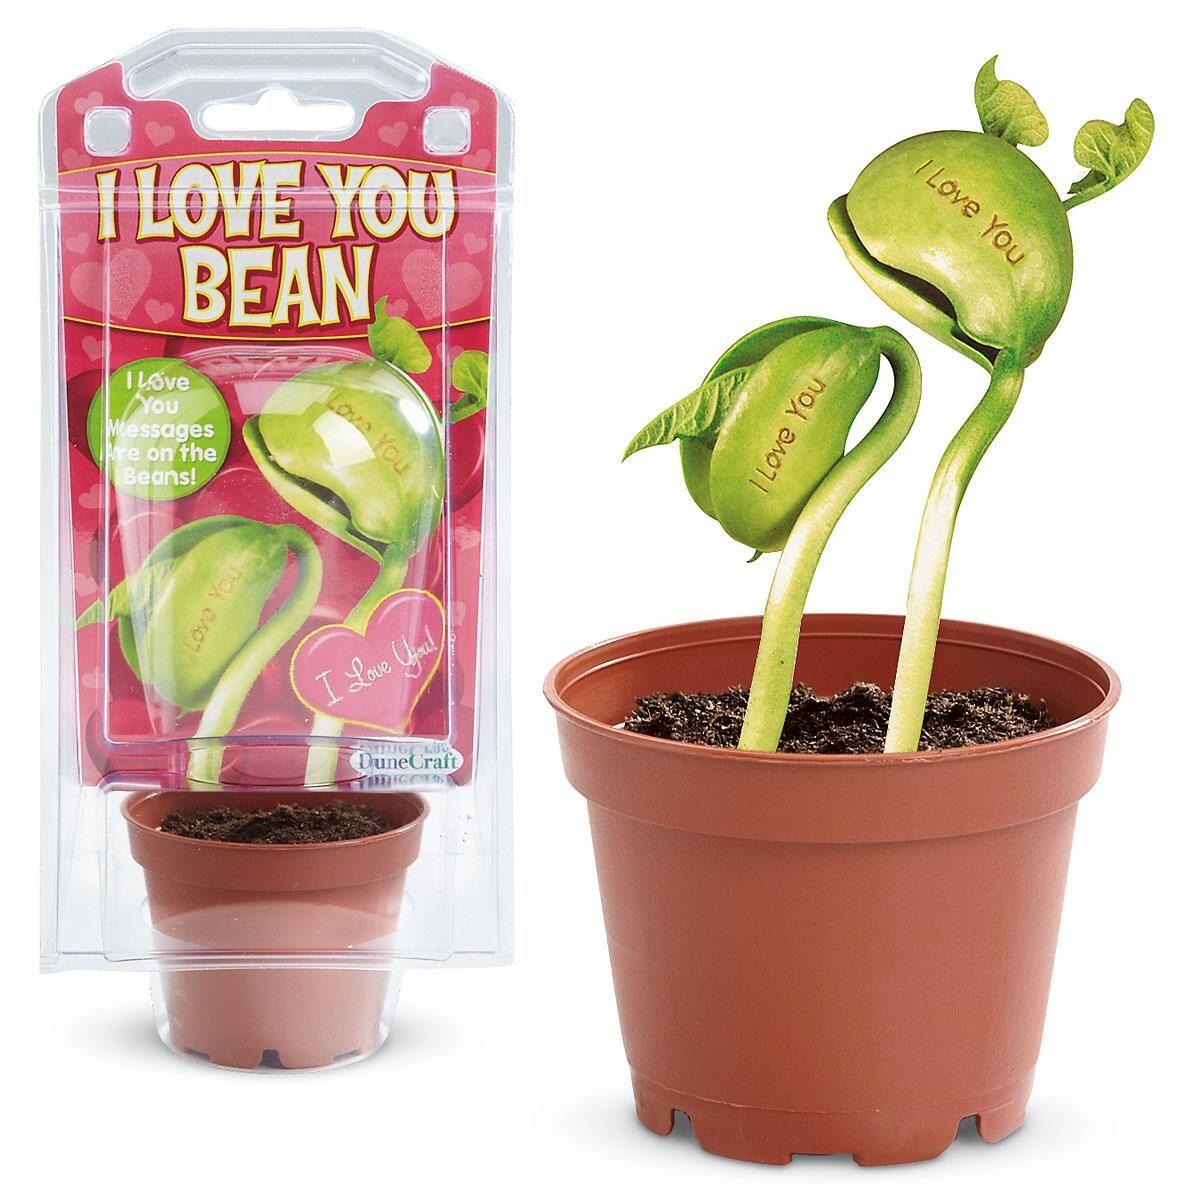 I Love You Magic Bean Plant Kit